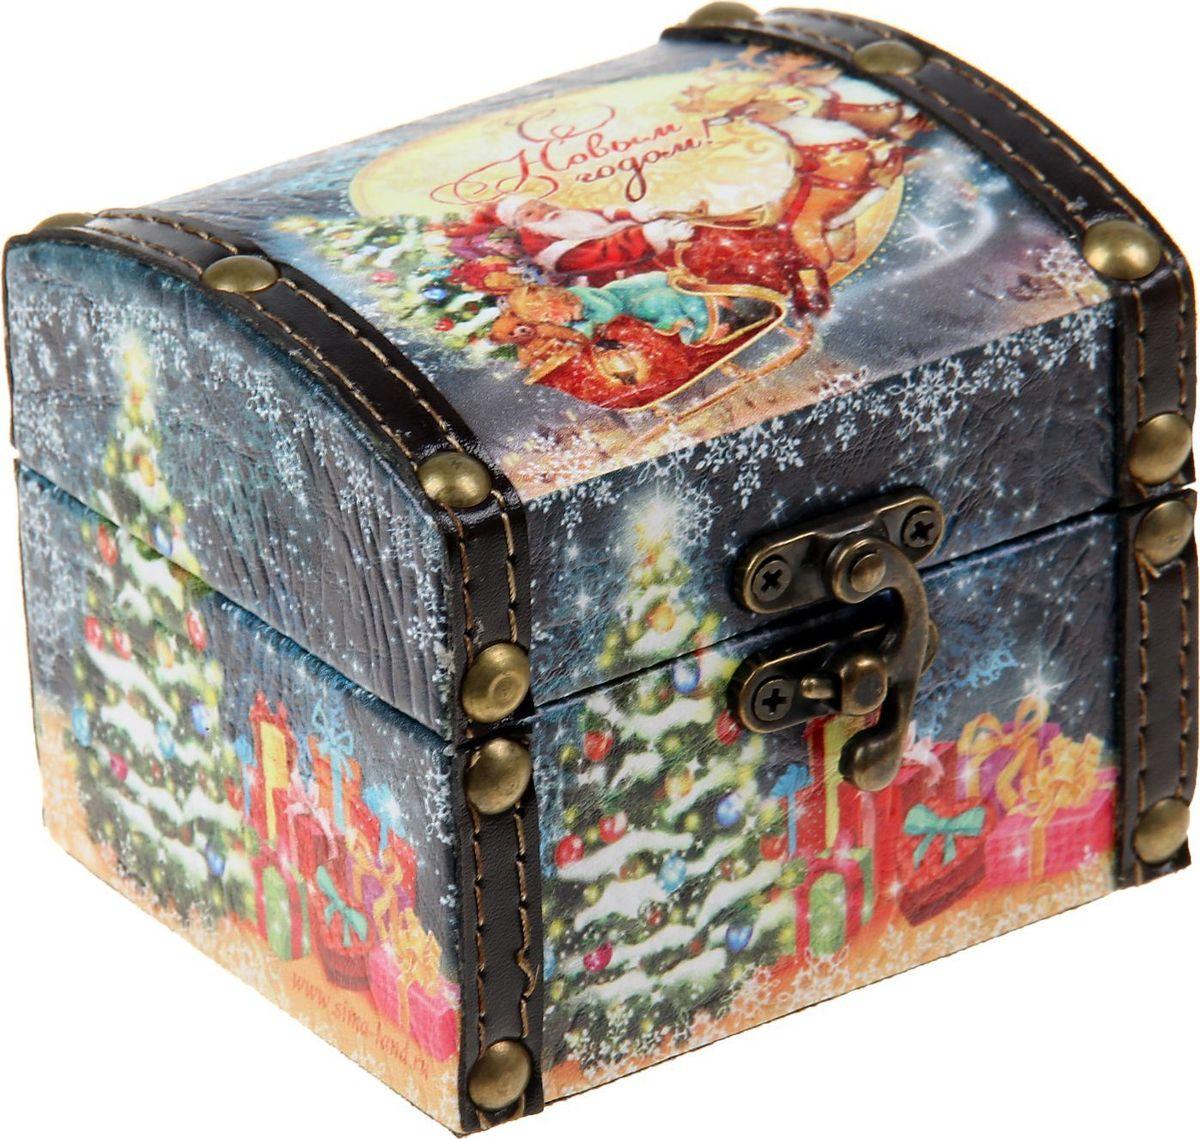 Шкатулка Sima-land С Новым годом, цвет: черный, 10 х 9 х 9 см1071949Шкатулка — это небольшой сувенир, а также оригинальная упаковка подарка. Она дополнит интерьер спальни, гостиной или прихожей. Шкатулка выполнена из дерева в виде сундучка. Изделие предназначено для хранения украшений: колец, браслетов, часов, цепочек, колье, сережек и прочих предметов.